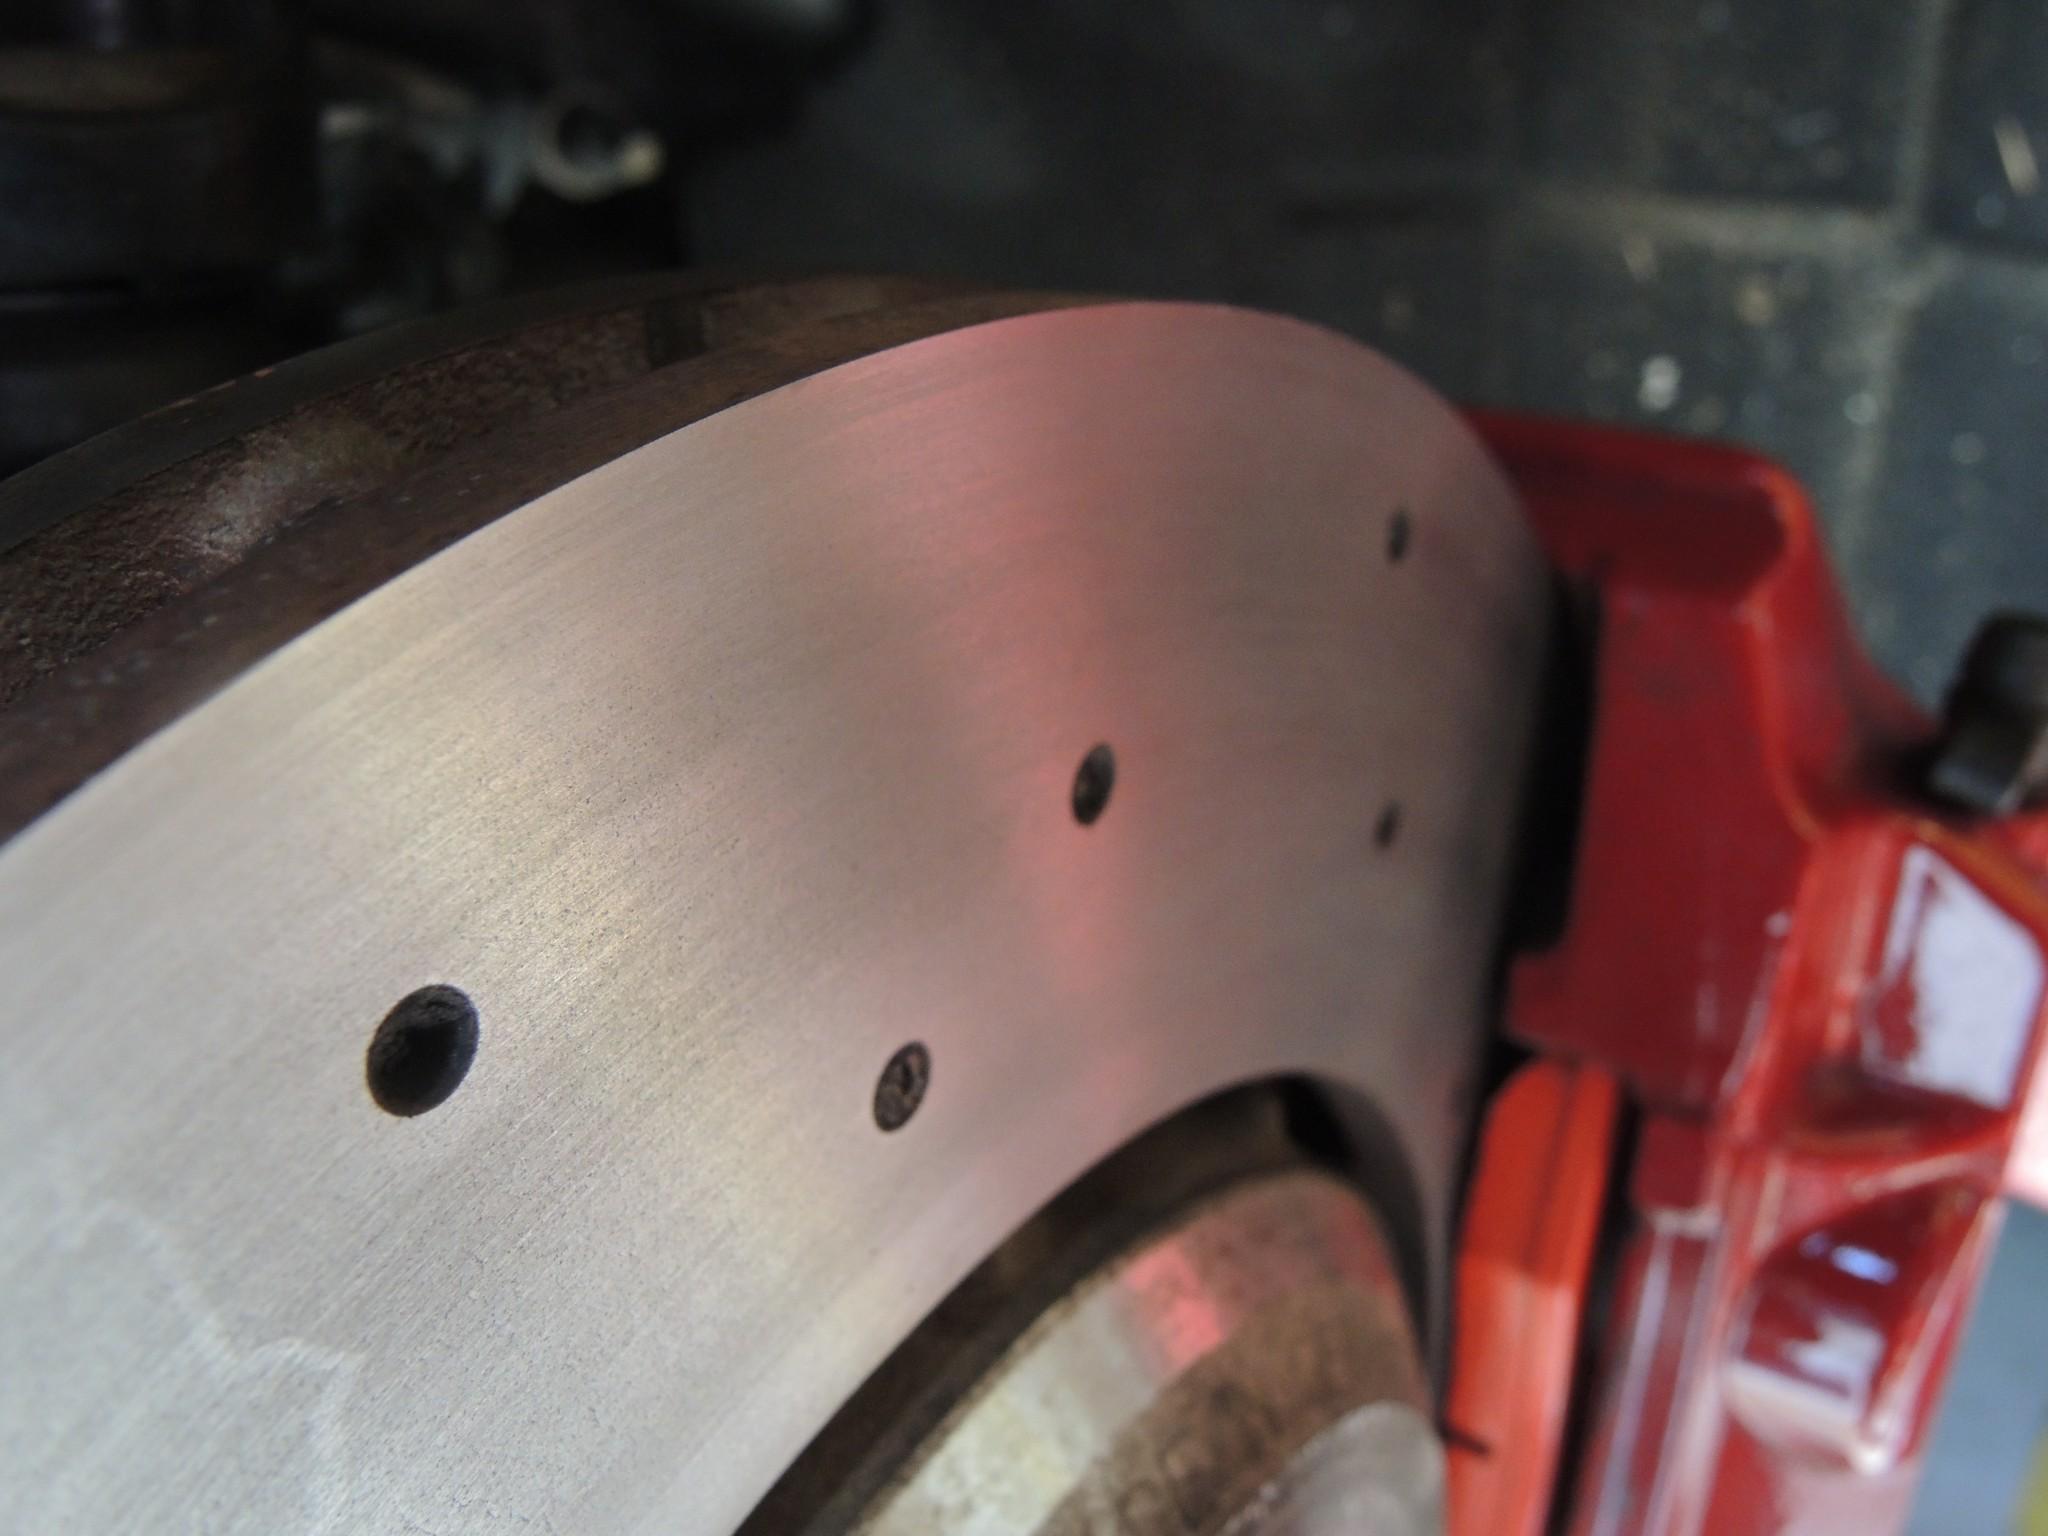 アルファロメオ4Cサーキット走行前メンテナンス ブレーキパッド交換ブレーキディスクローター研磨アライメント調整 (4)